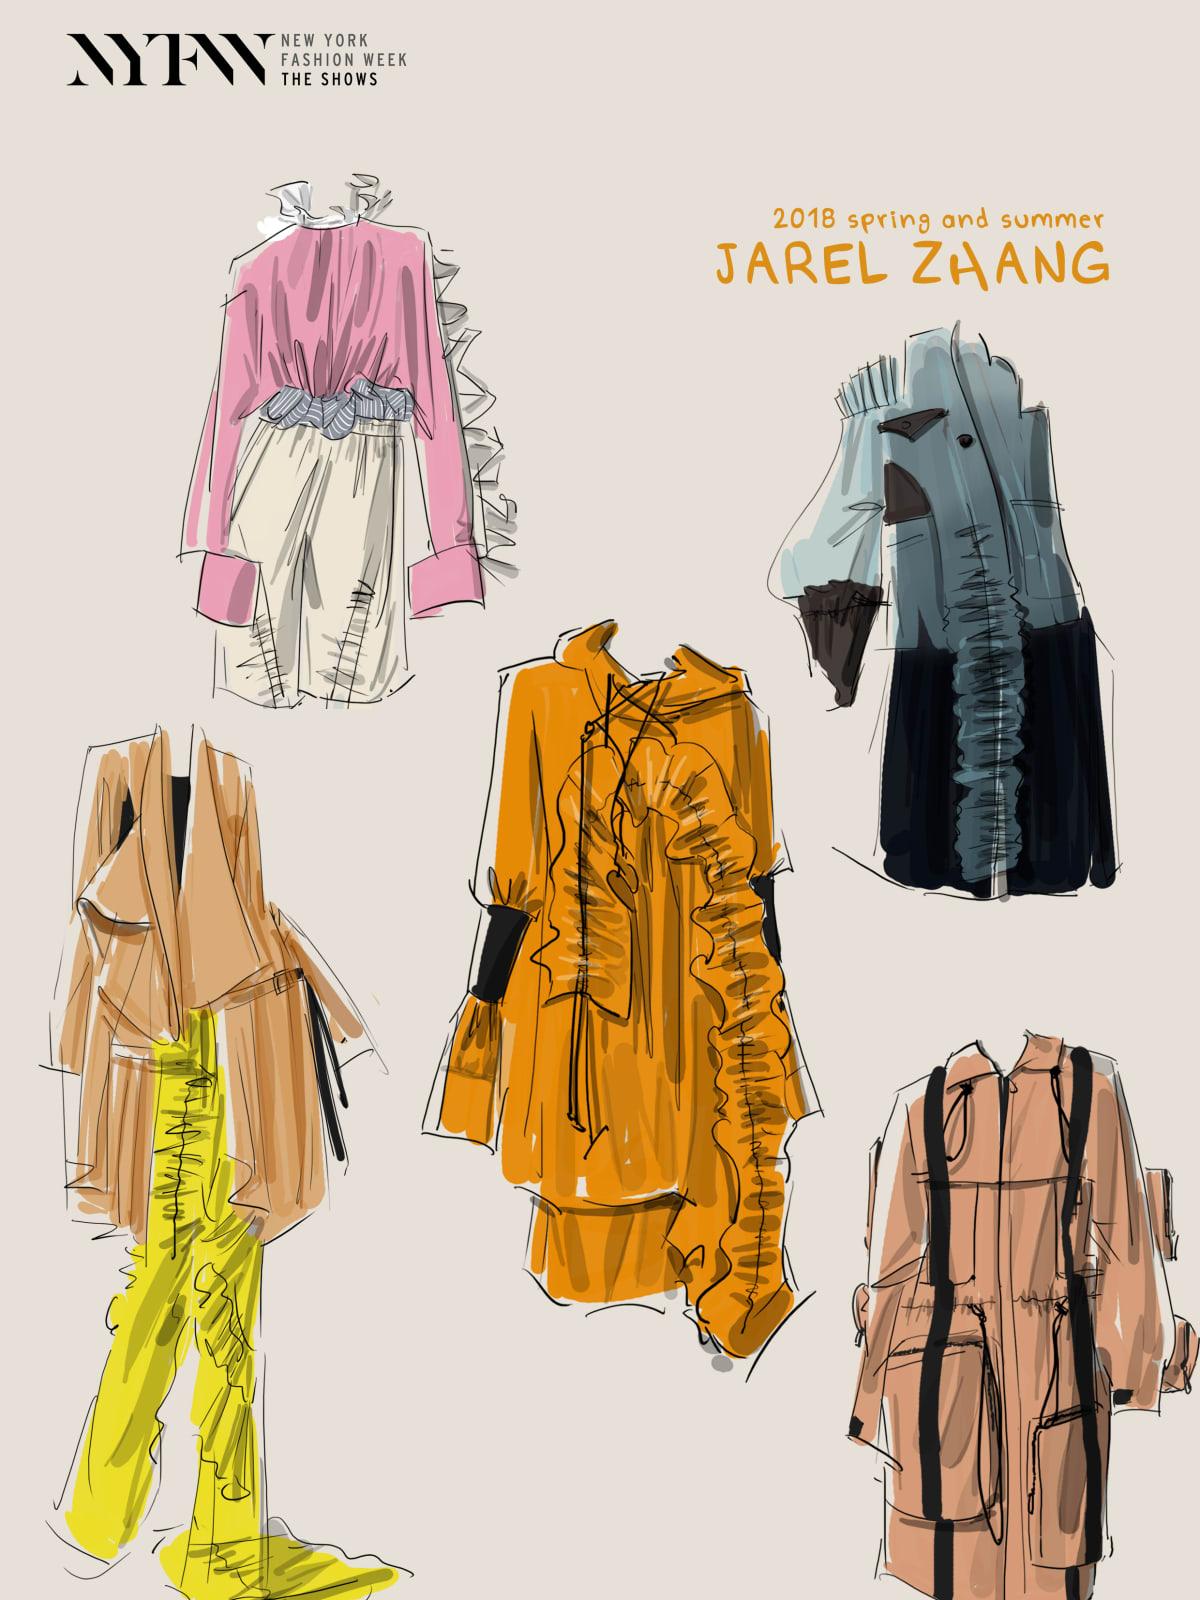 Jarel Zhang designer inspiration sketch spring 2018